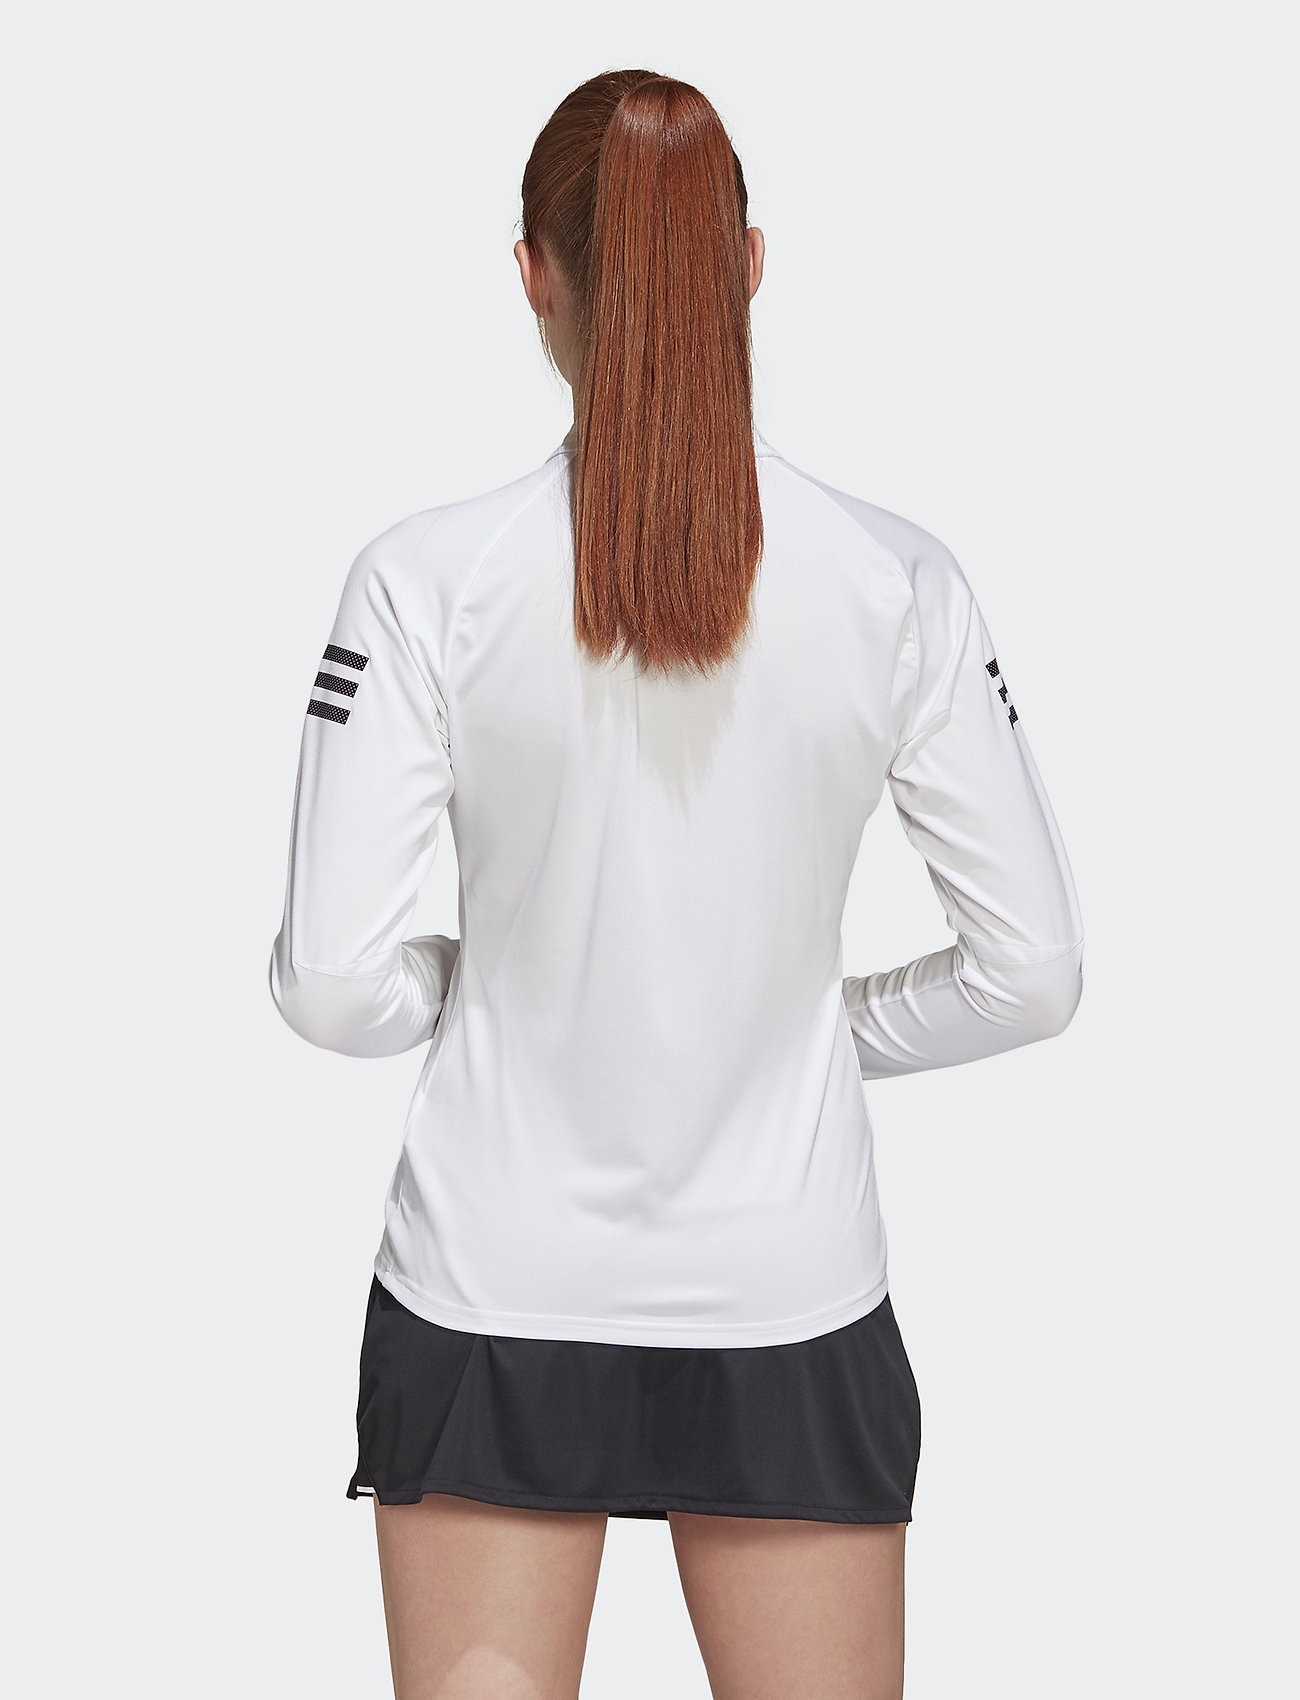 Club Midlayer (White) (529 kr) - adidas Tennis